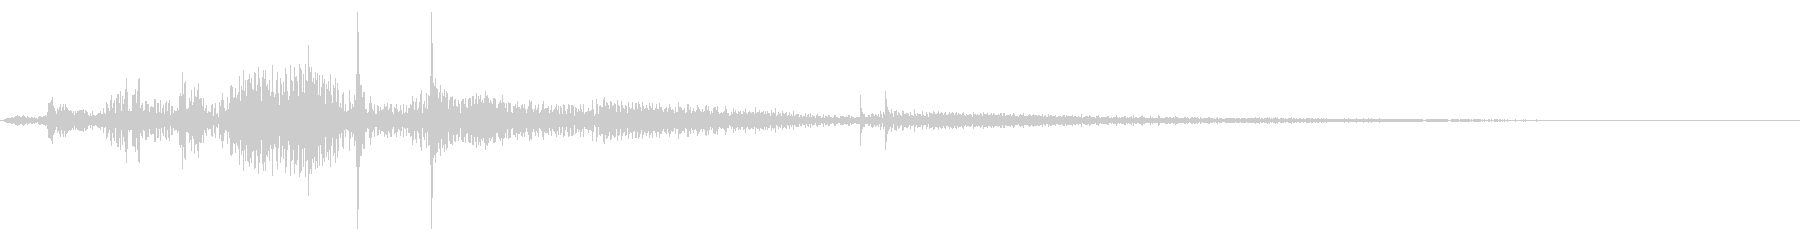 1938フォードセダン:内線:スタ...の未再生の波形